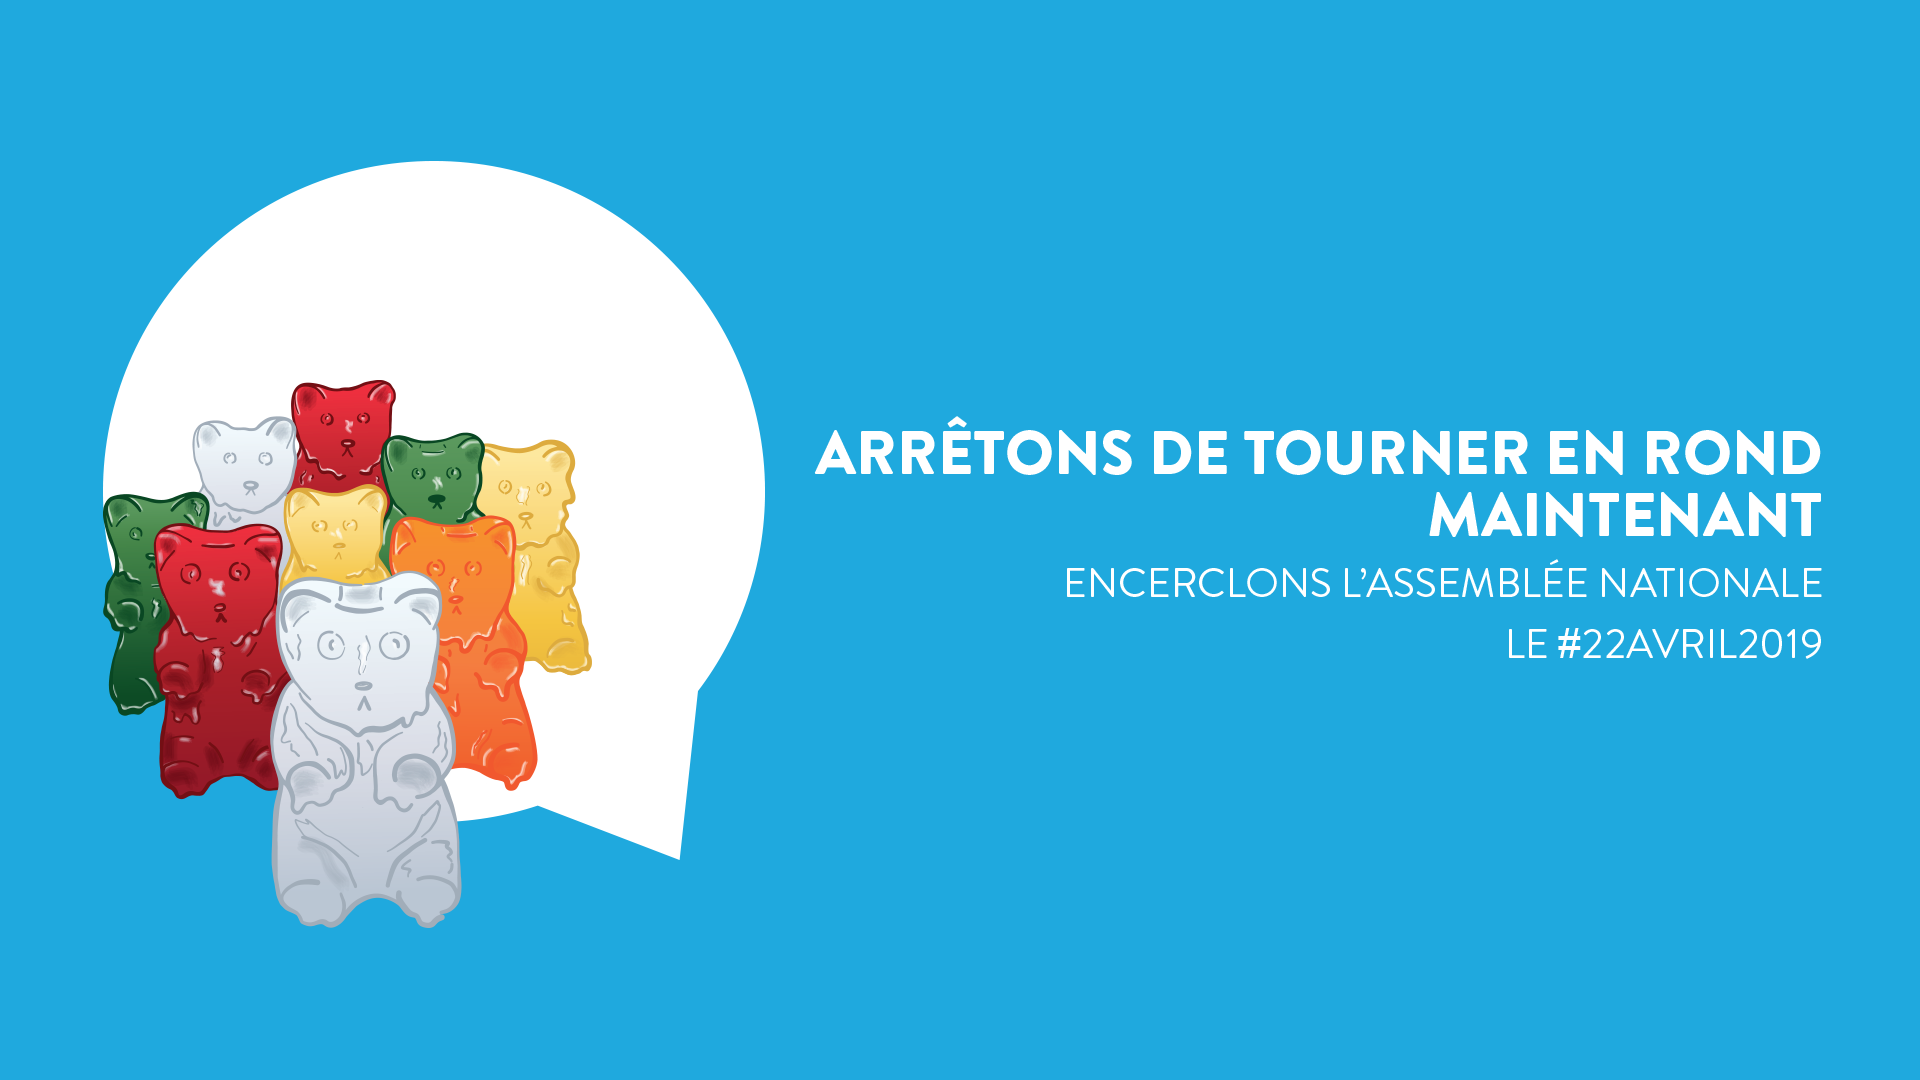 Site_web_bannière_arretons_de_tourner_en_rond_maintenant_le_#22avril2019_encerclons_l_assemblee_nationale